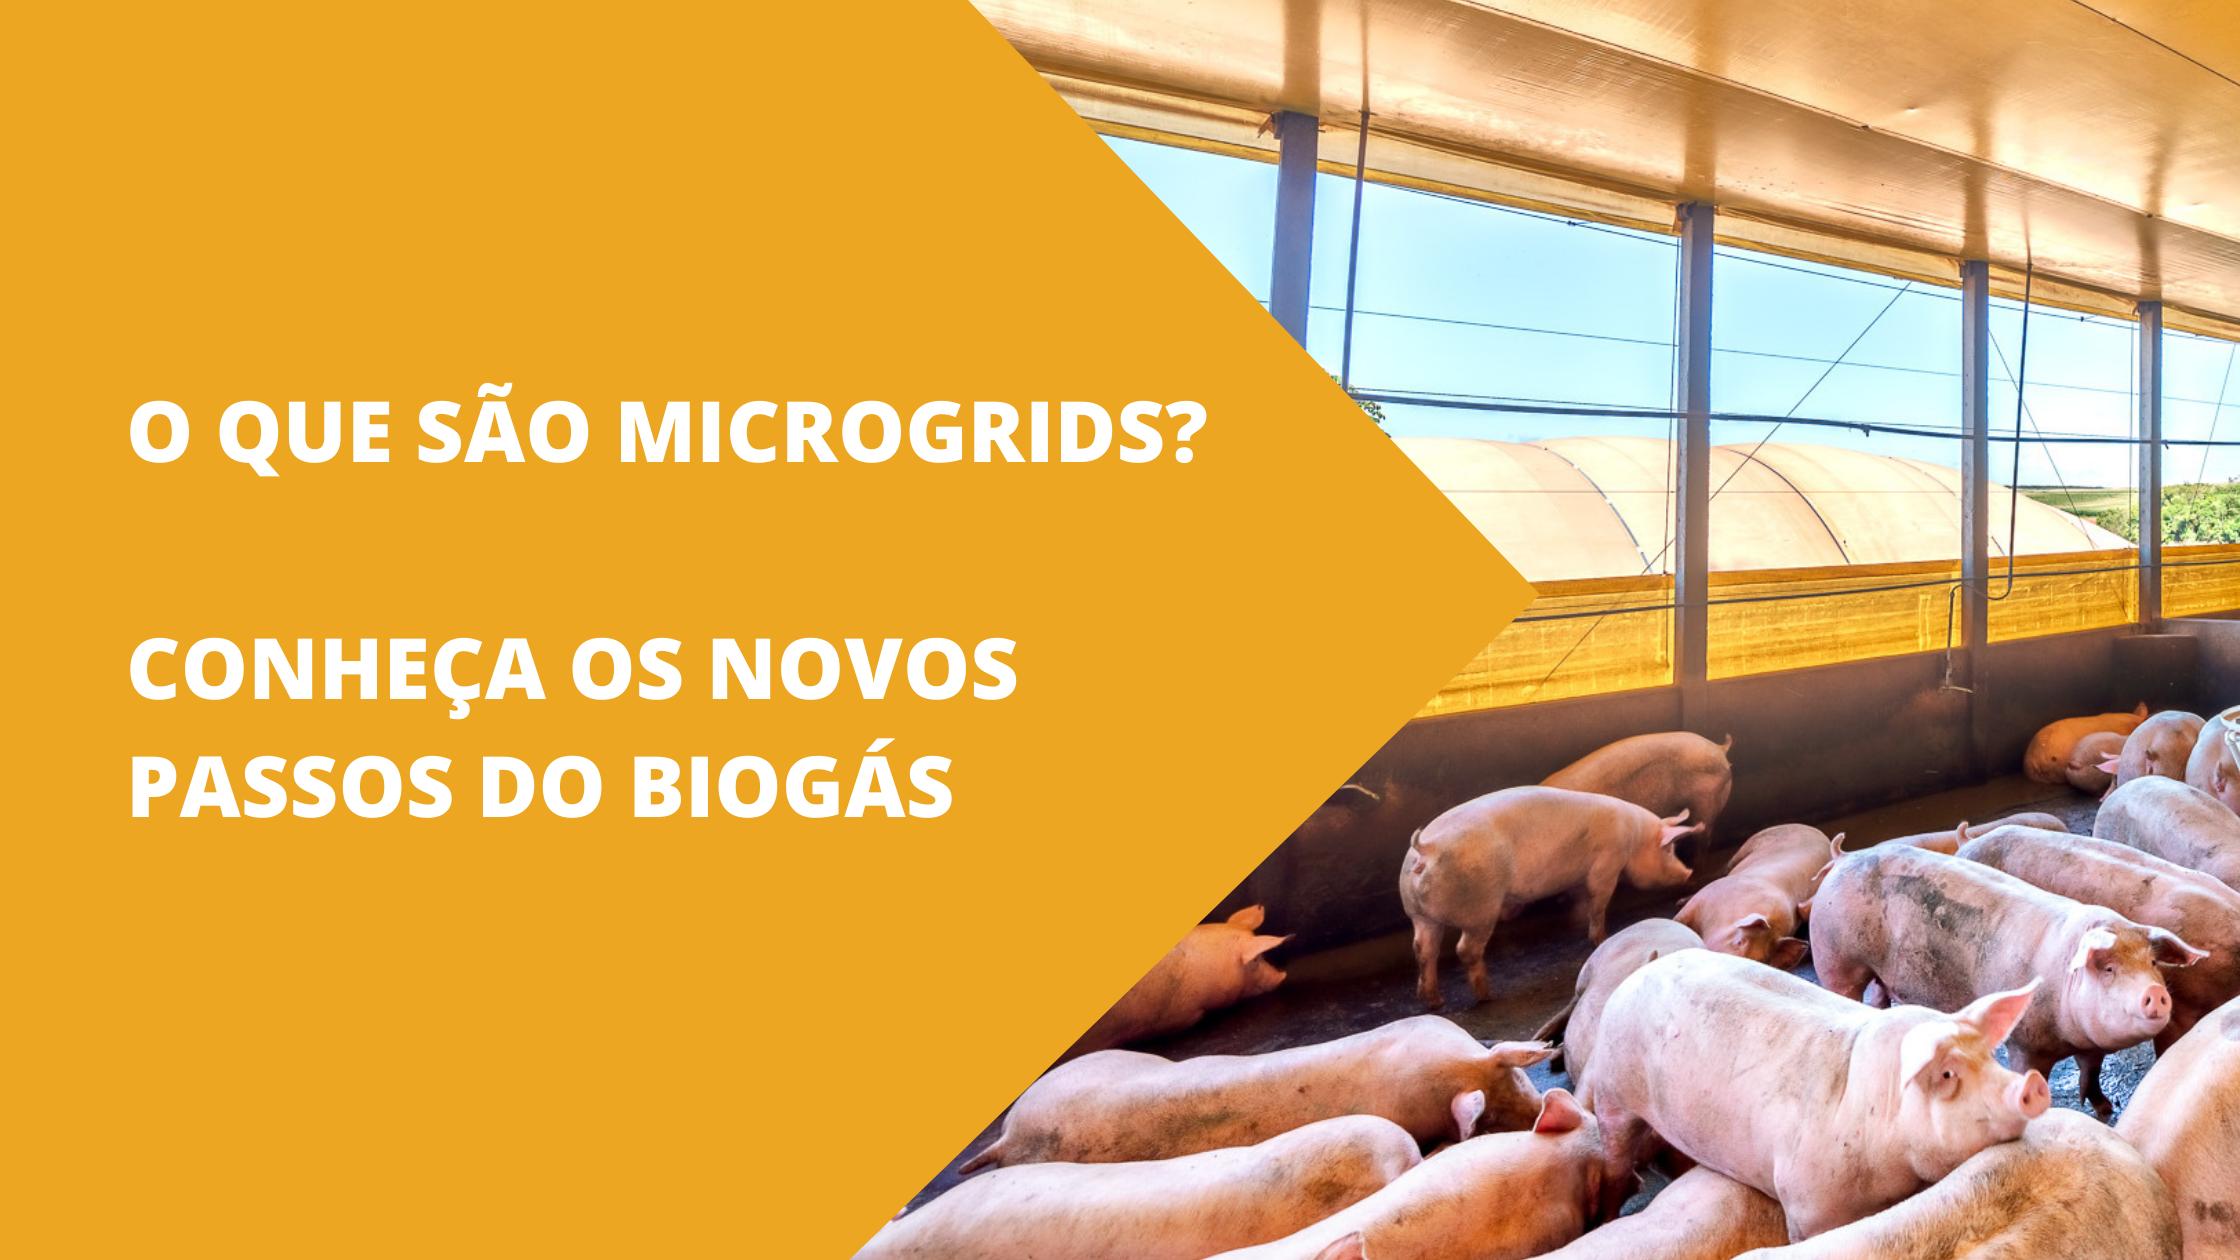 O QUE SÃO MICROGRIDS? CONHEÇA OS NOVOS PASSOS DO BIOGÁS